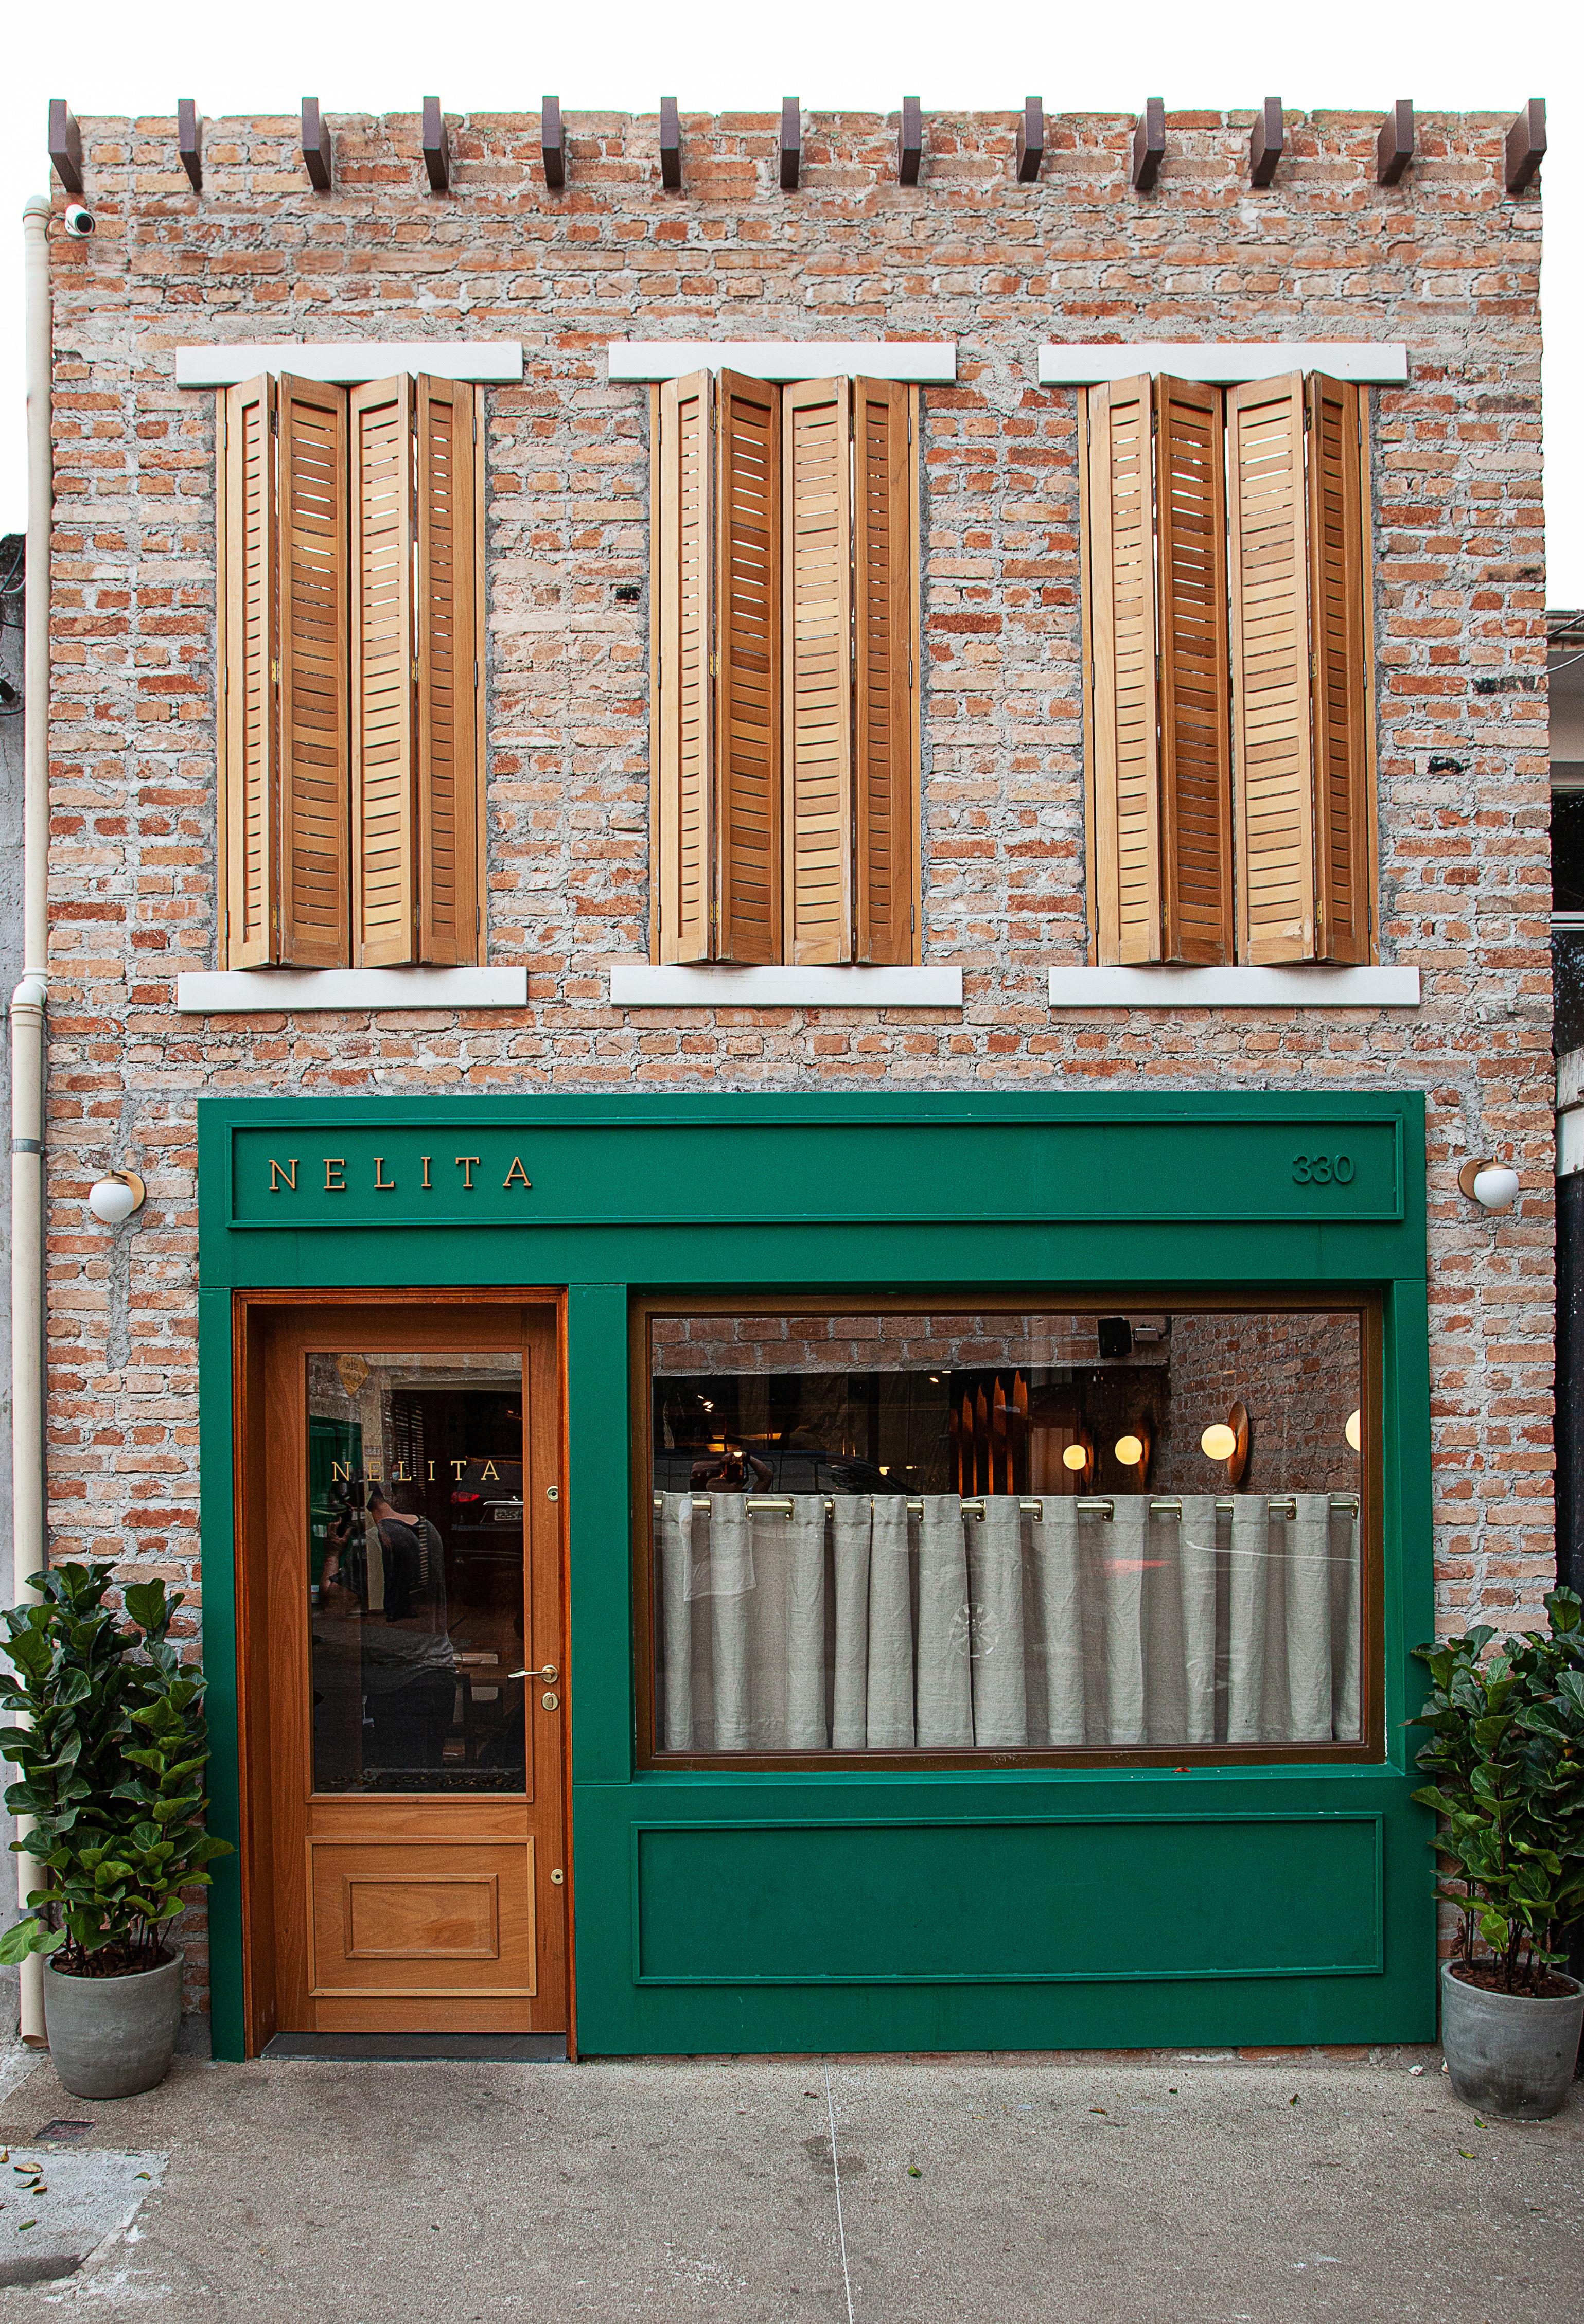 Fachada do restaurante Nelita, com tijolinhos à vista, três janelas de madeira na porção superior e uma janela verde com vidro coberto por cortina embaixo.